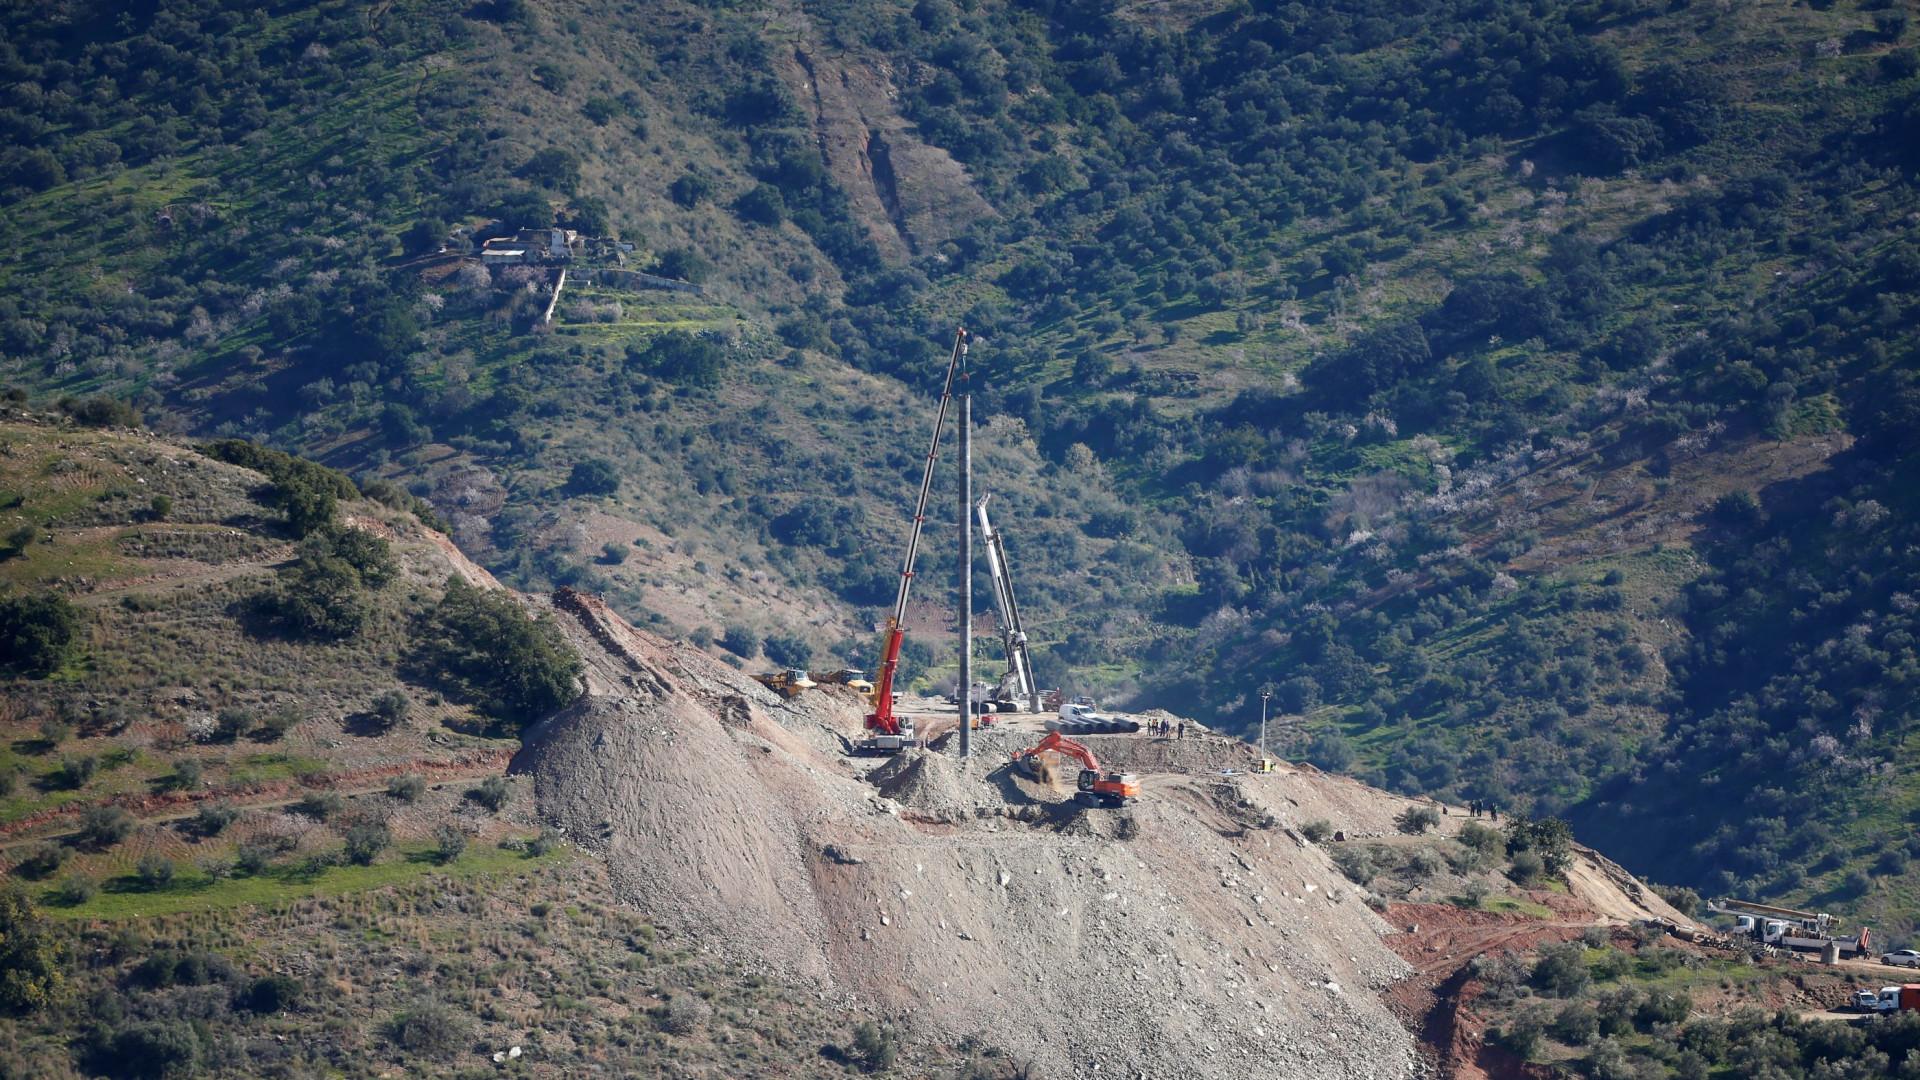 MP espanhol quer investigar dono da propriedade onde Julen caiu no poço